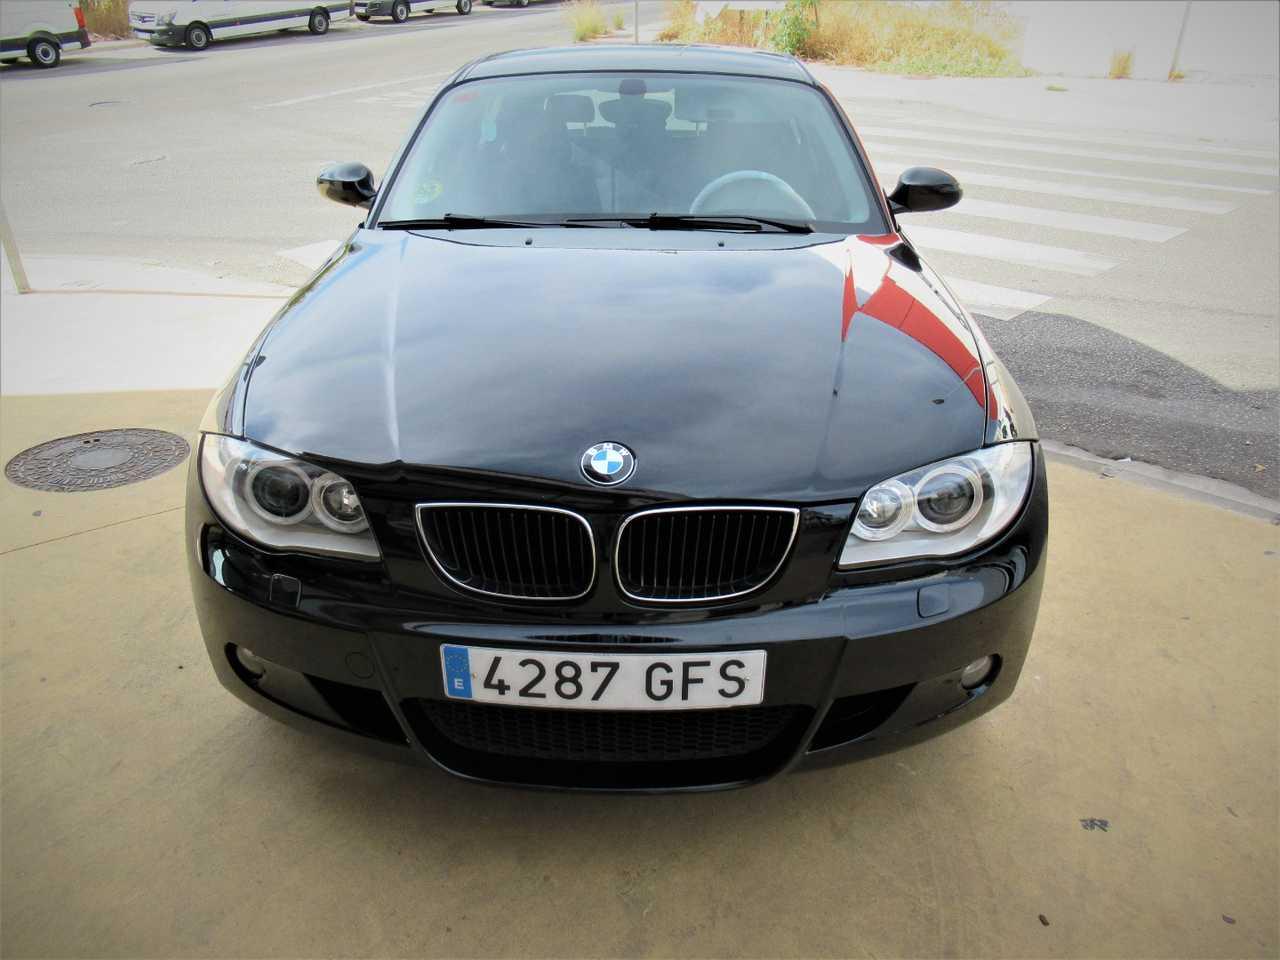 BMW Serie 1 118 D 5 PUERTAS UN SOLO PROPIETARIO, CERTIFICADO DE KM Y CARROCERIA   - Foto 1